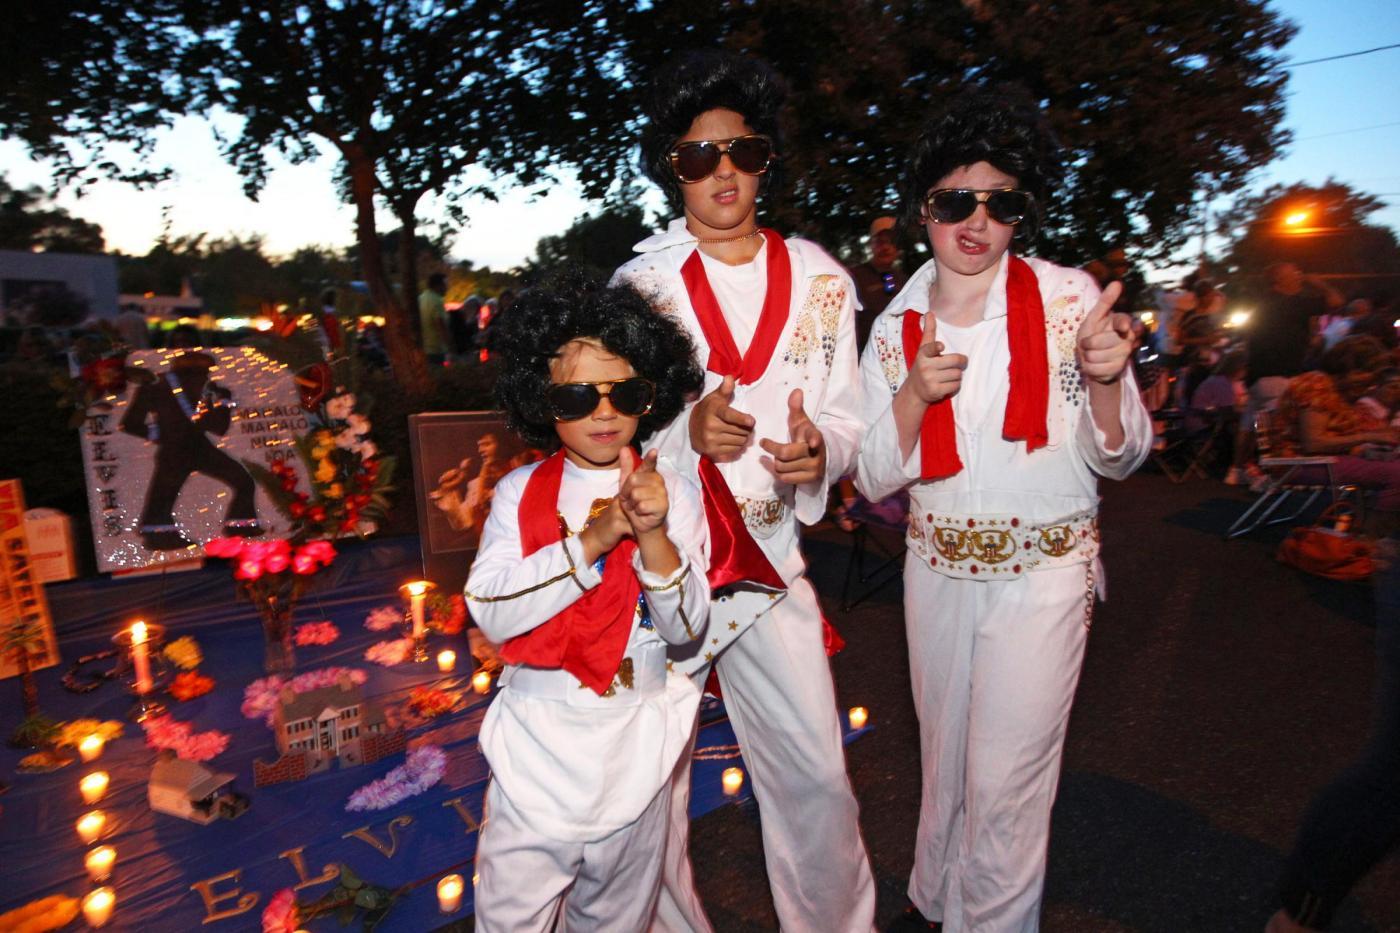 Elvis Presley migliaia di fan alla veglia per i 36 anni dalla morte01